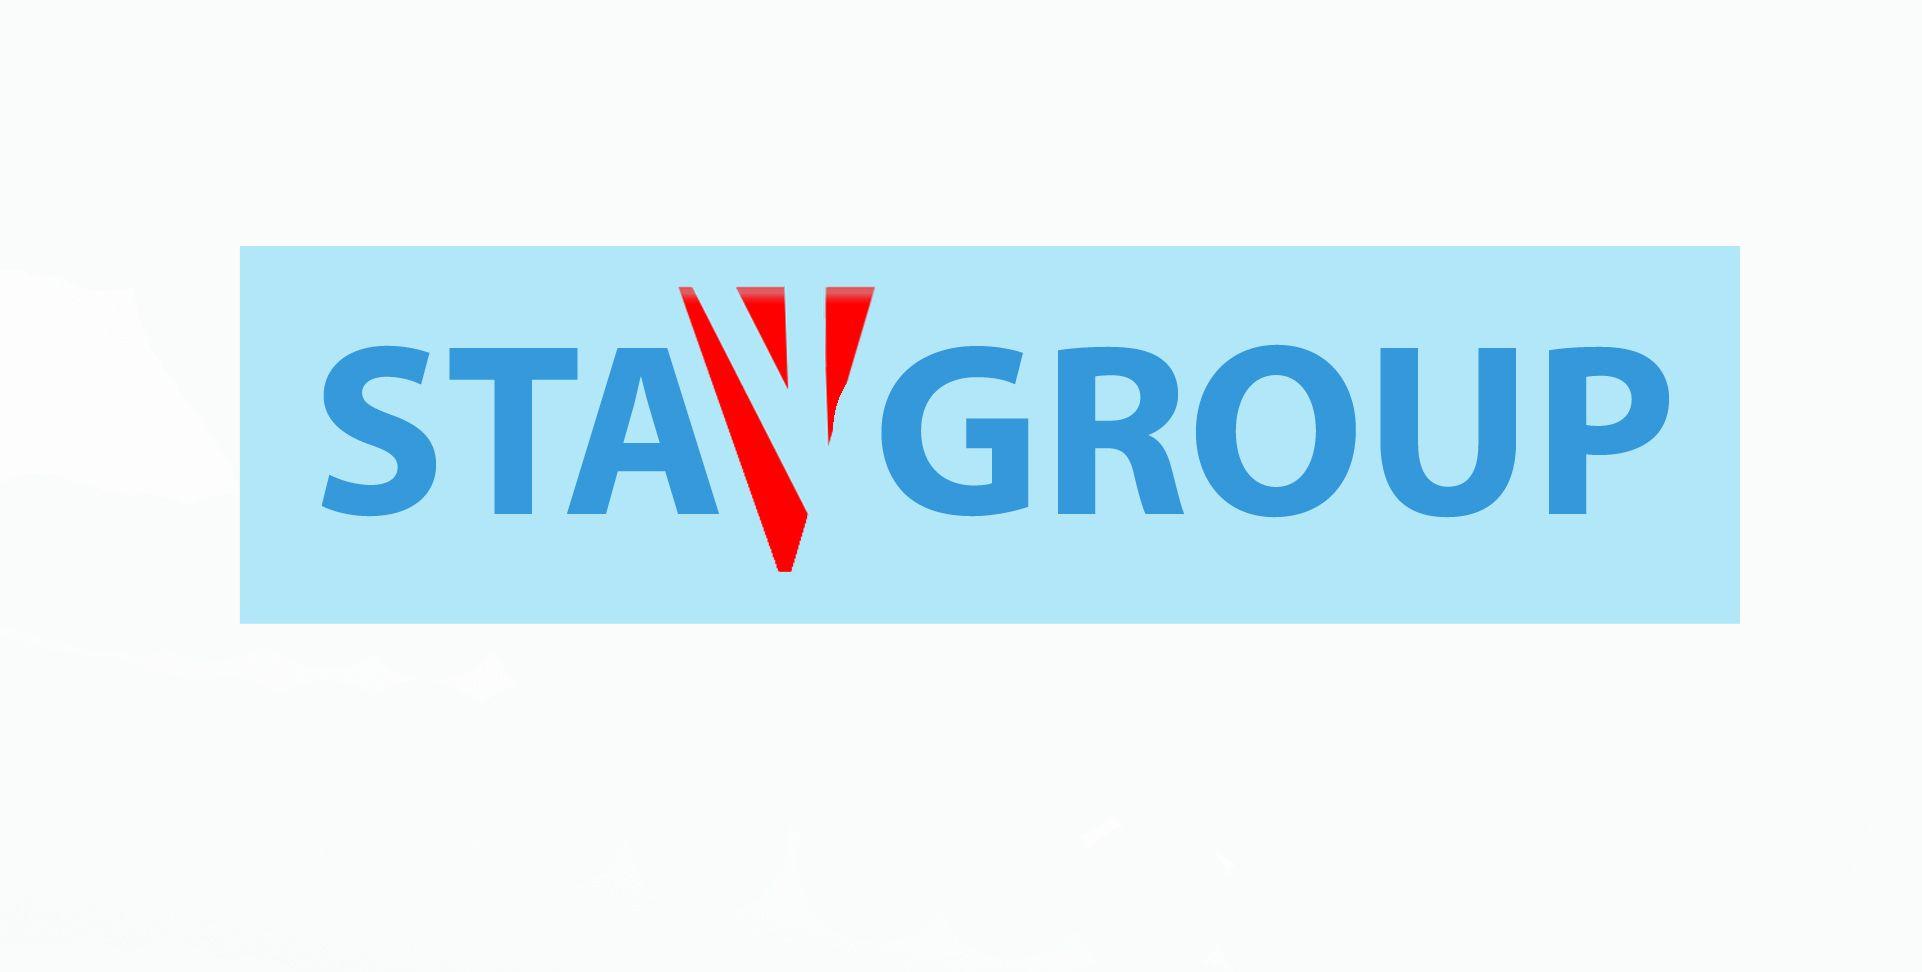 Лого и фирменный стиль для STAVGROUP - дизайнер 120219866